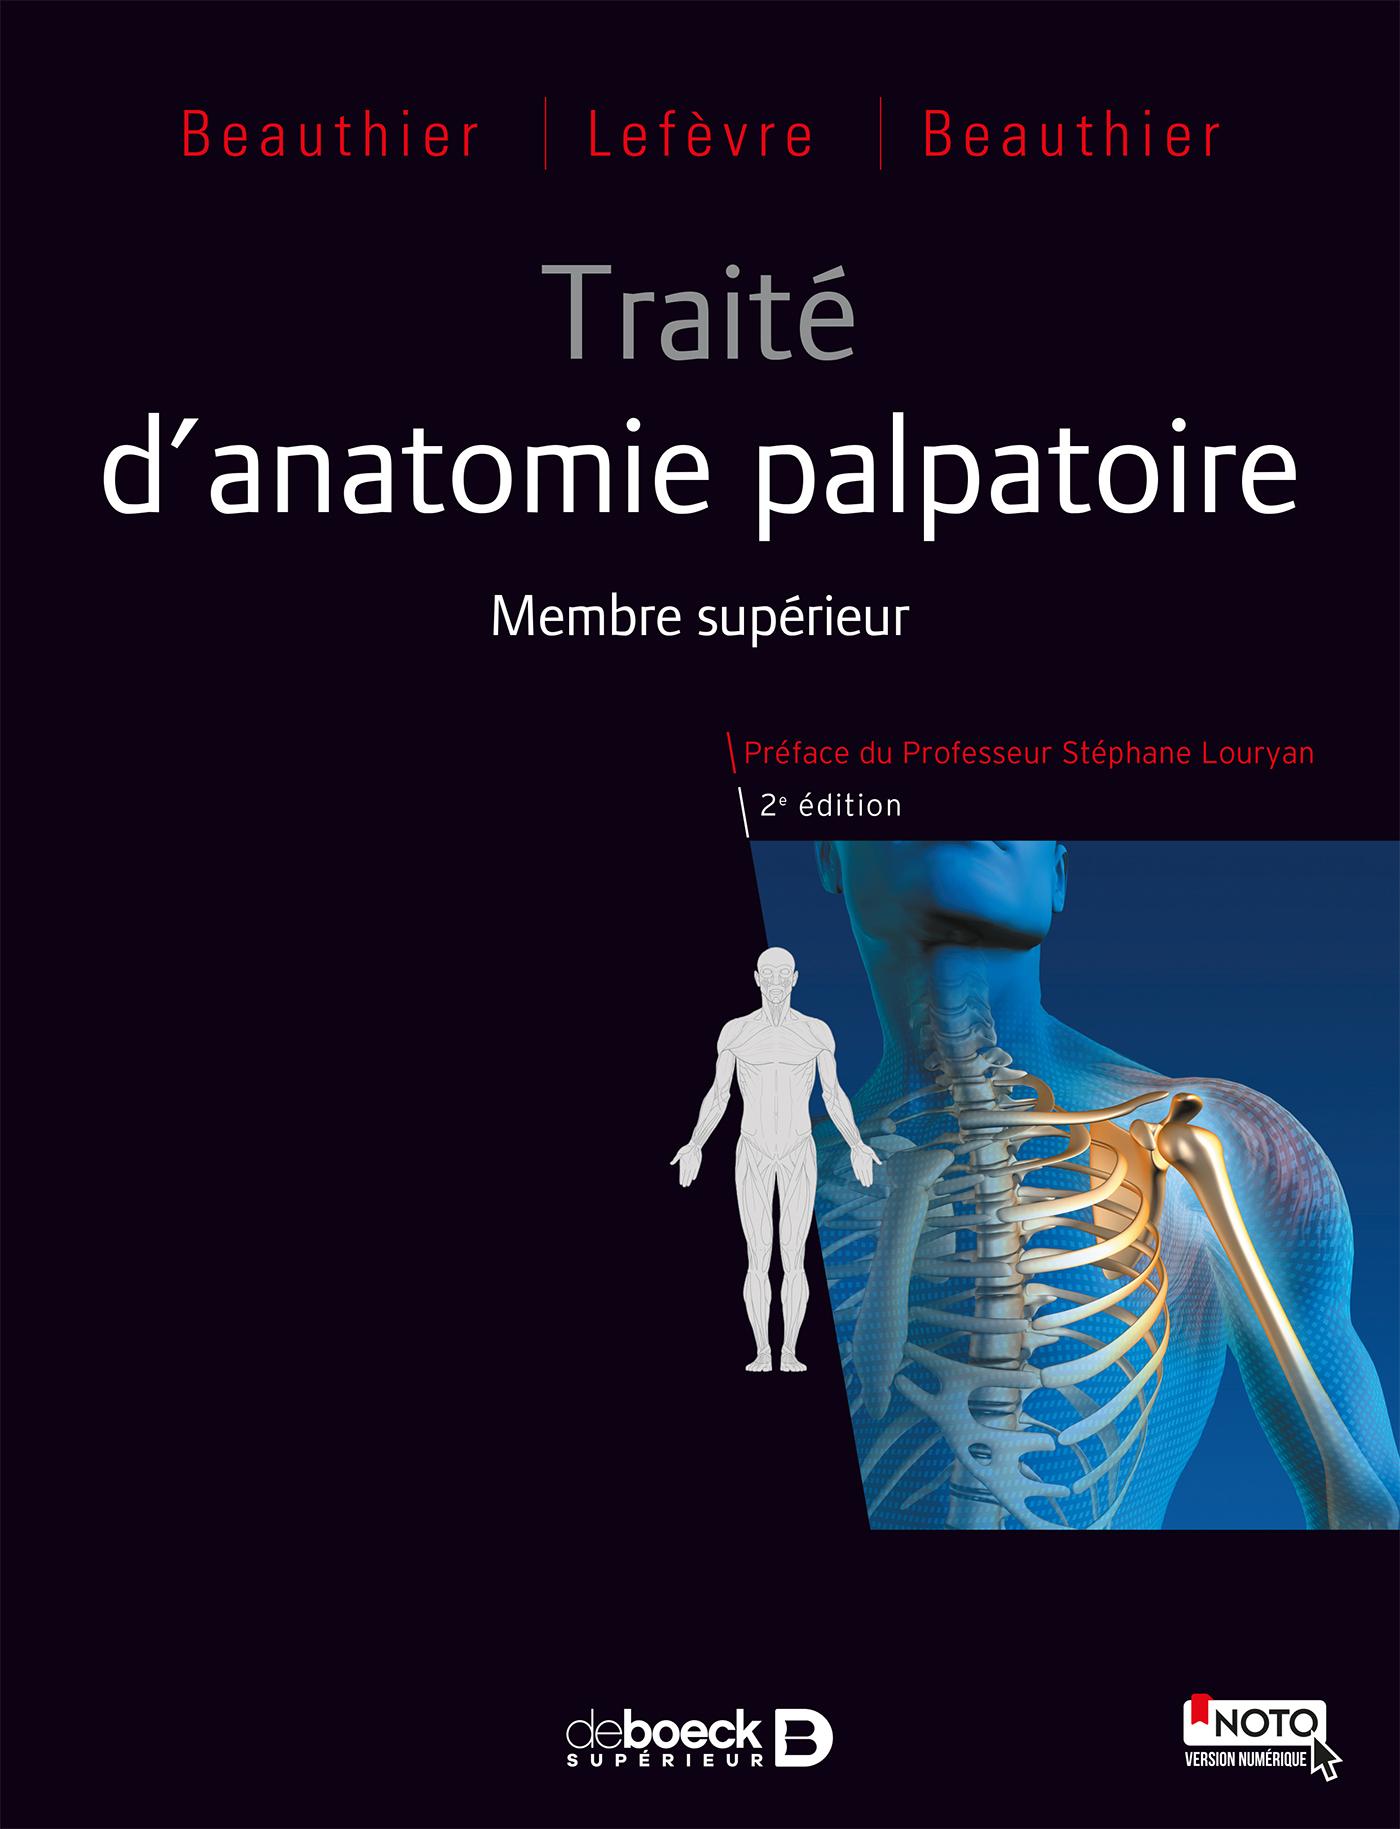 TRAITE D'ANATOMIE PALPATOIRE